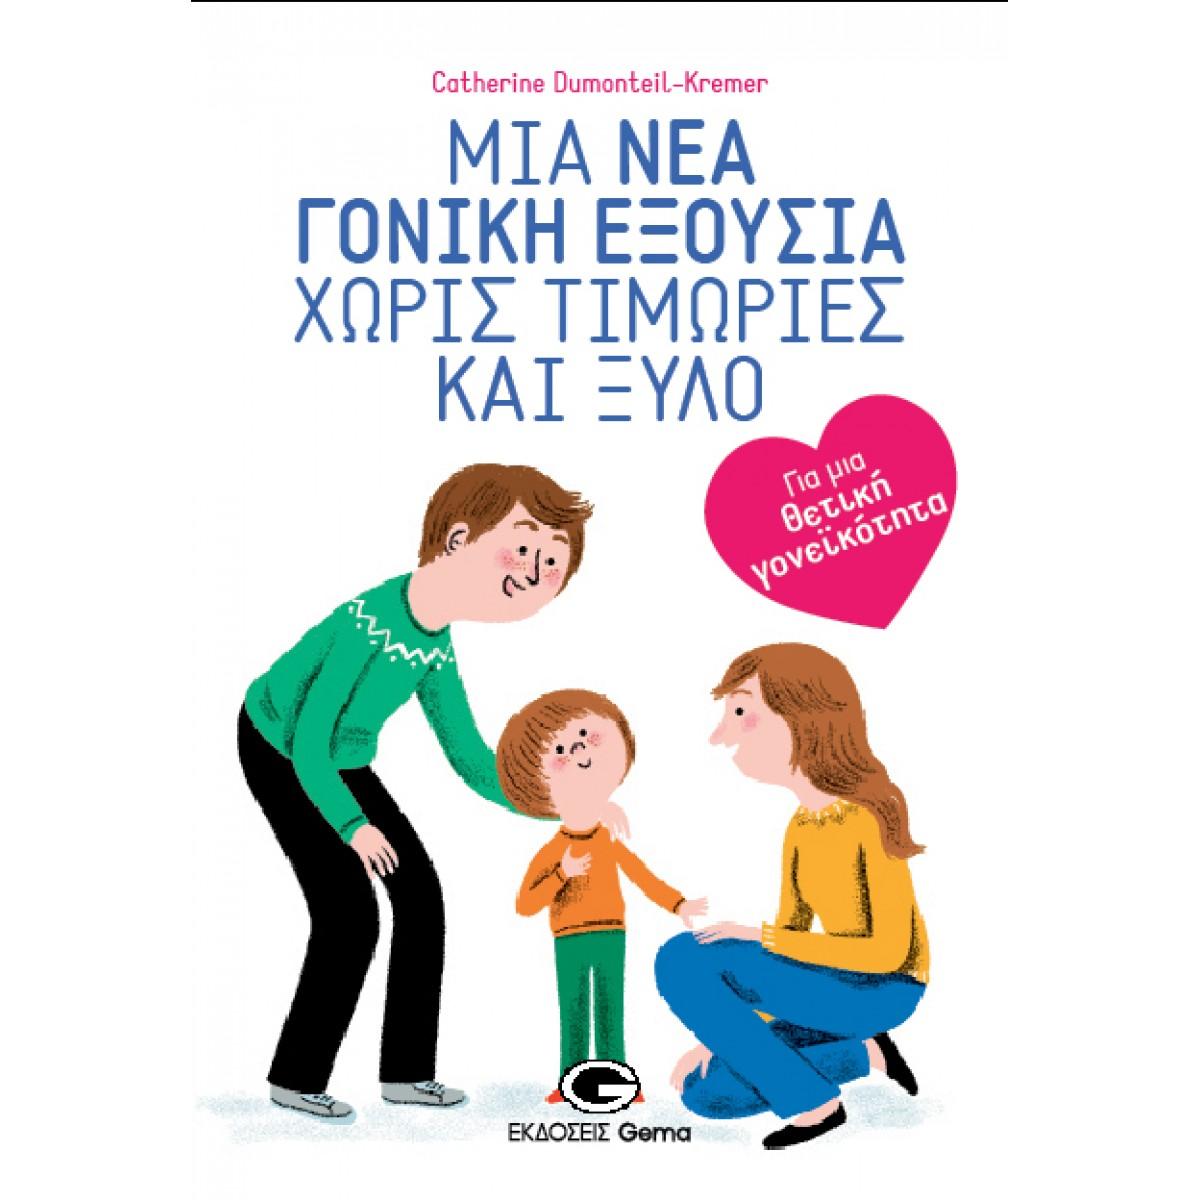 ΜΙΑ ΝΕΑ ΓΟΝΙΚΗ ΕΞΟΥΣΙΑ ΧΩΡΙΣ ΤΙΜΩΡΙΕΣ ΚΑΙ ΞΥΛΟ Παιδικά Βιβλία